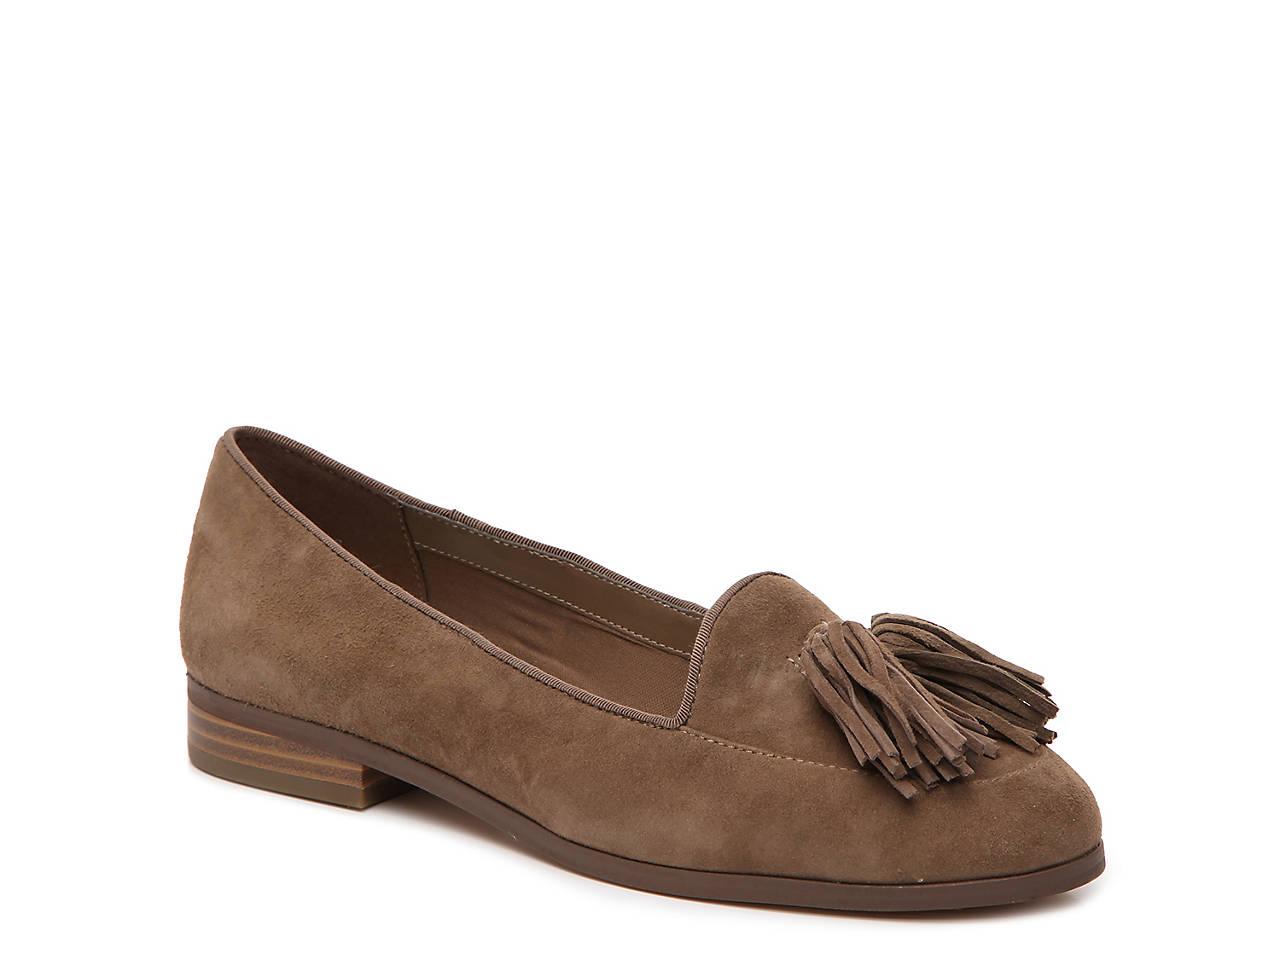 67dd7cb44f8 Anne Klein Darcey Loafer Women s Shoes